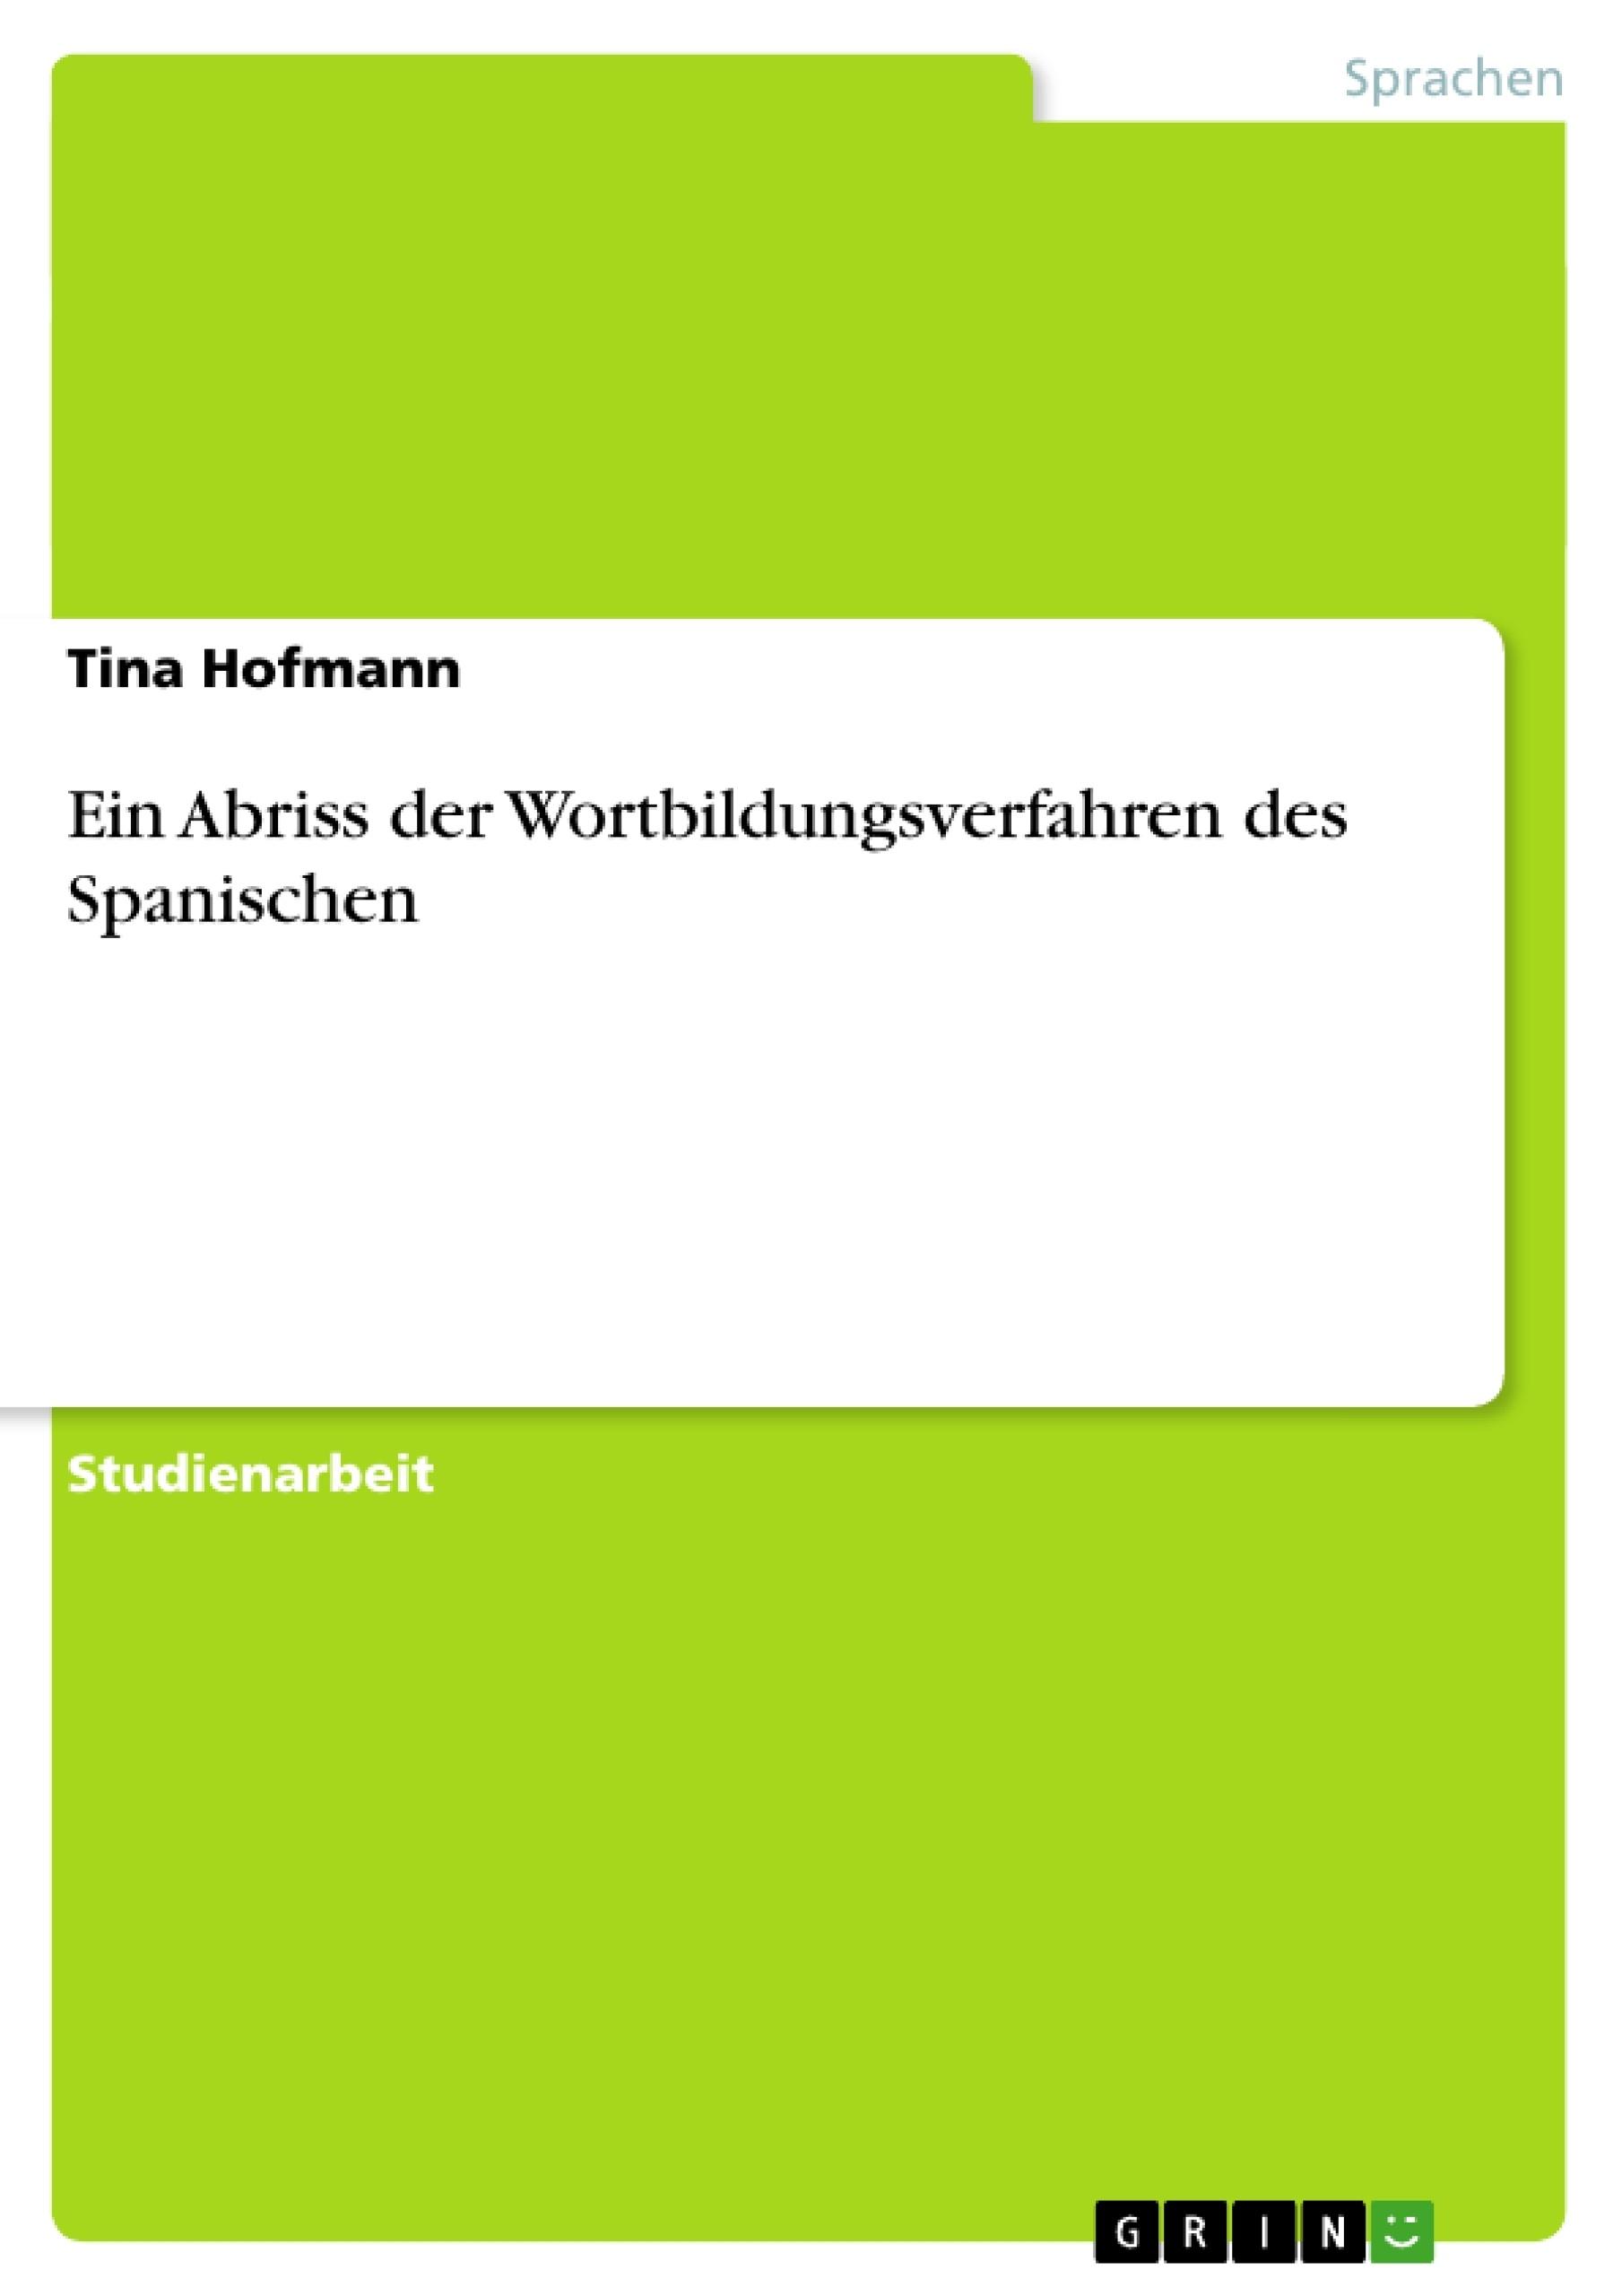 Titel: Ein Abriss der Wortbildungsverfahren des Spanischen